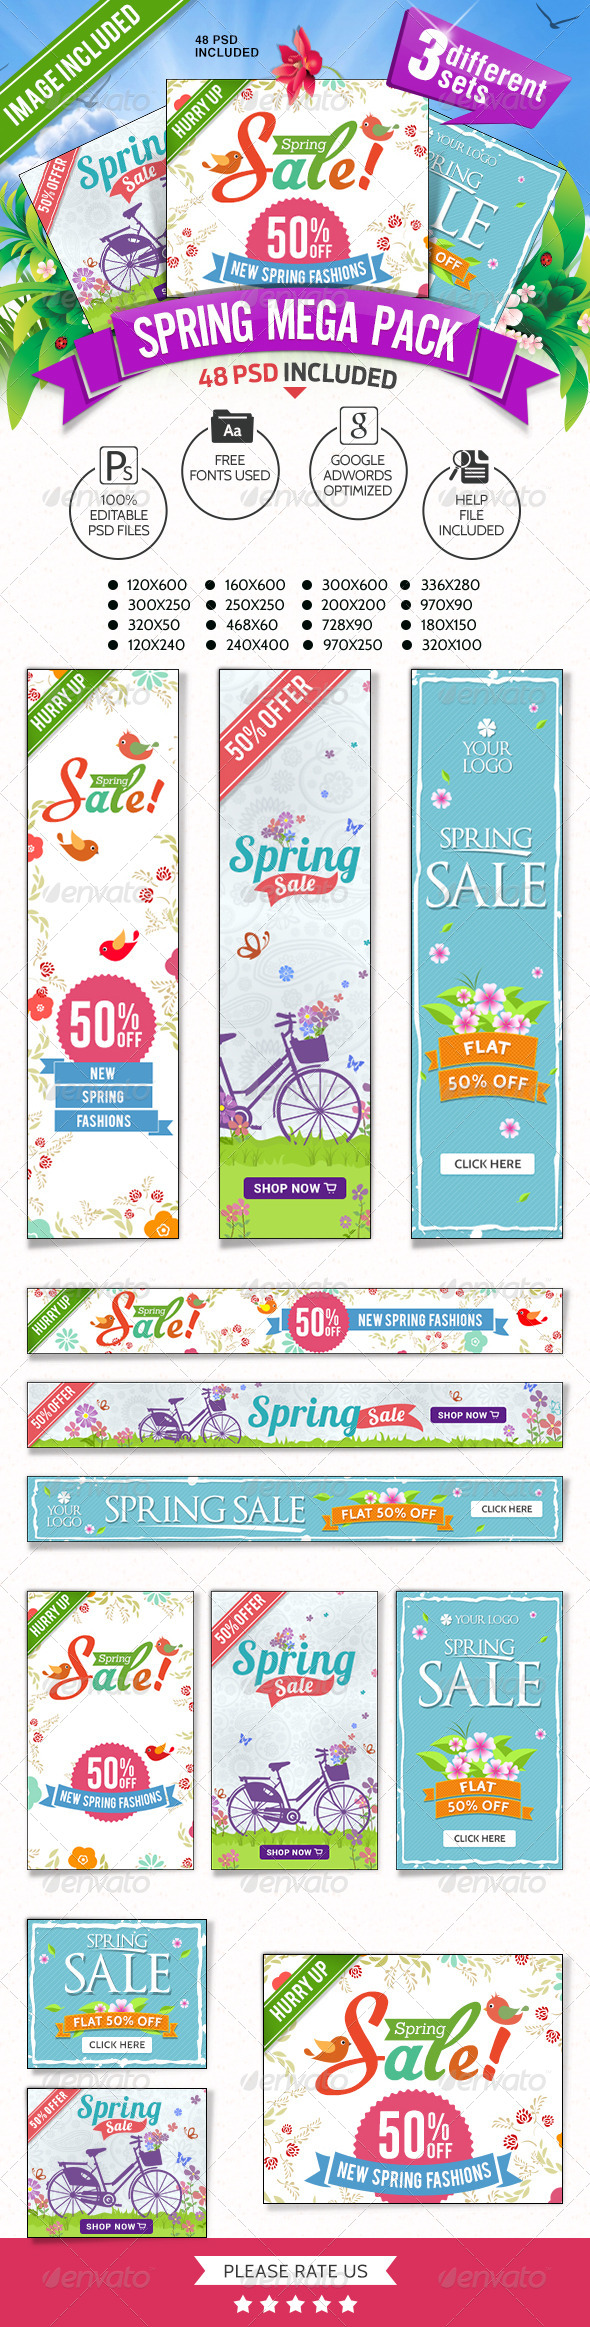 GraphicRiver Spring Sale Mega Pack 3 Banner Sets 7450266